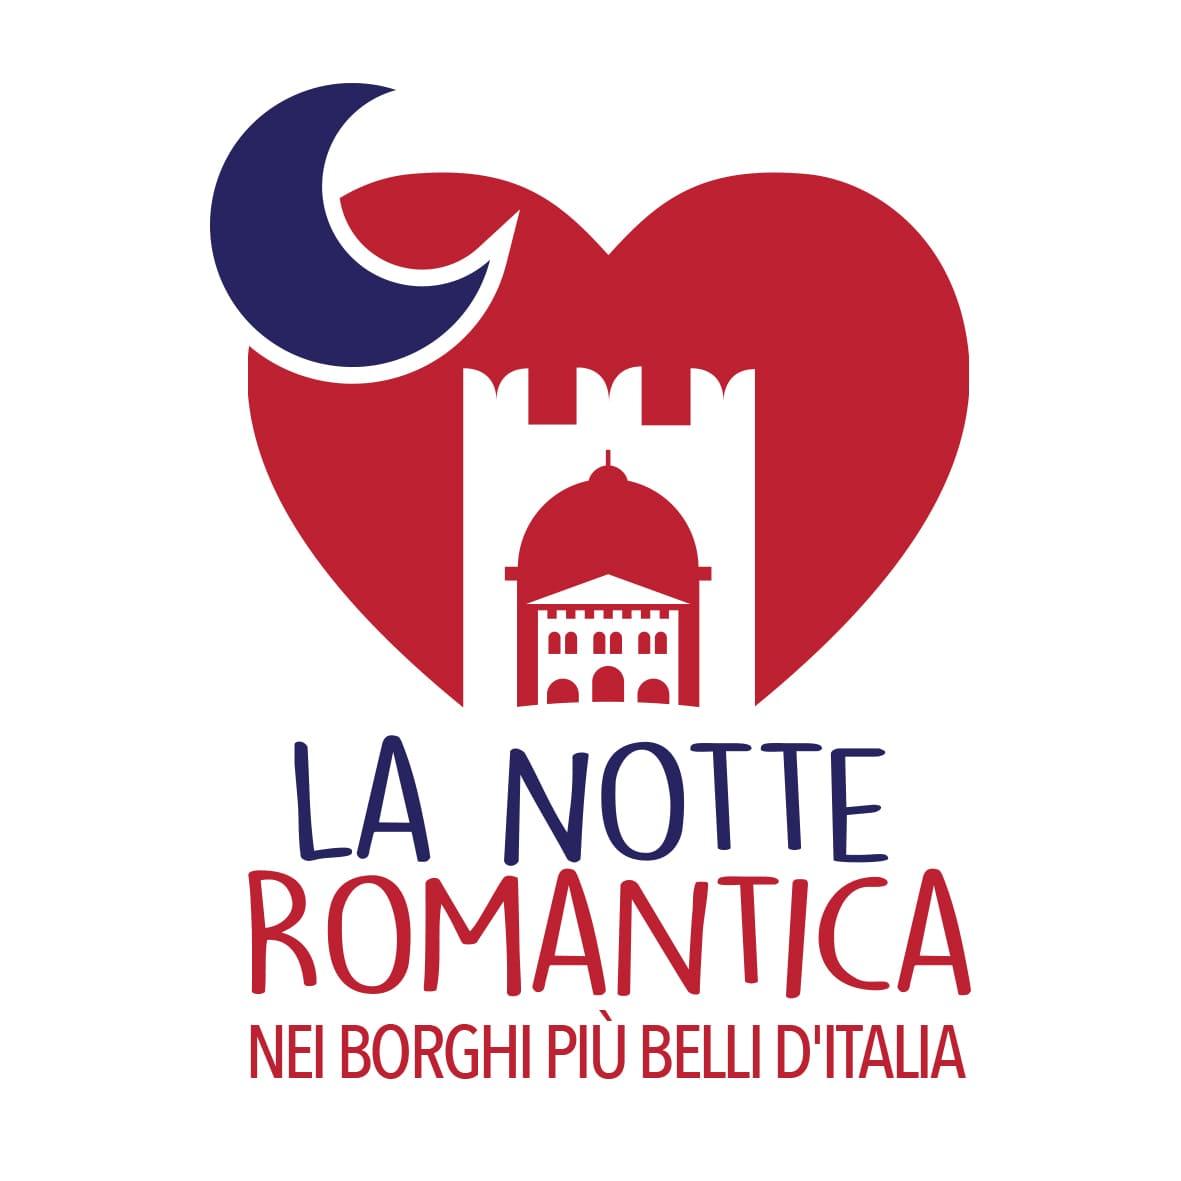 Notte Romantica, Morano Calabro (CS) celebra l'amore